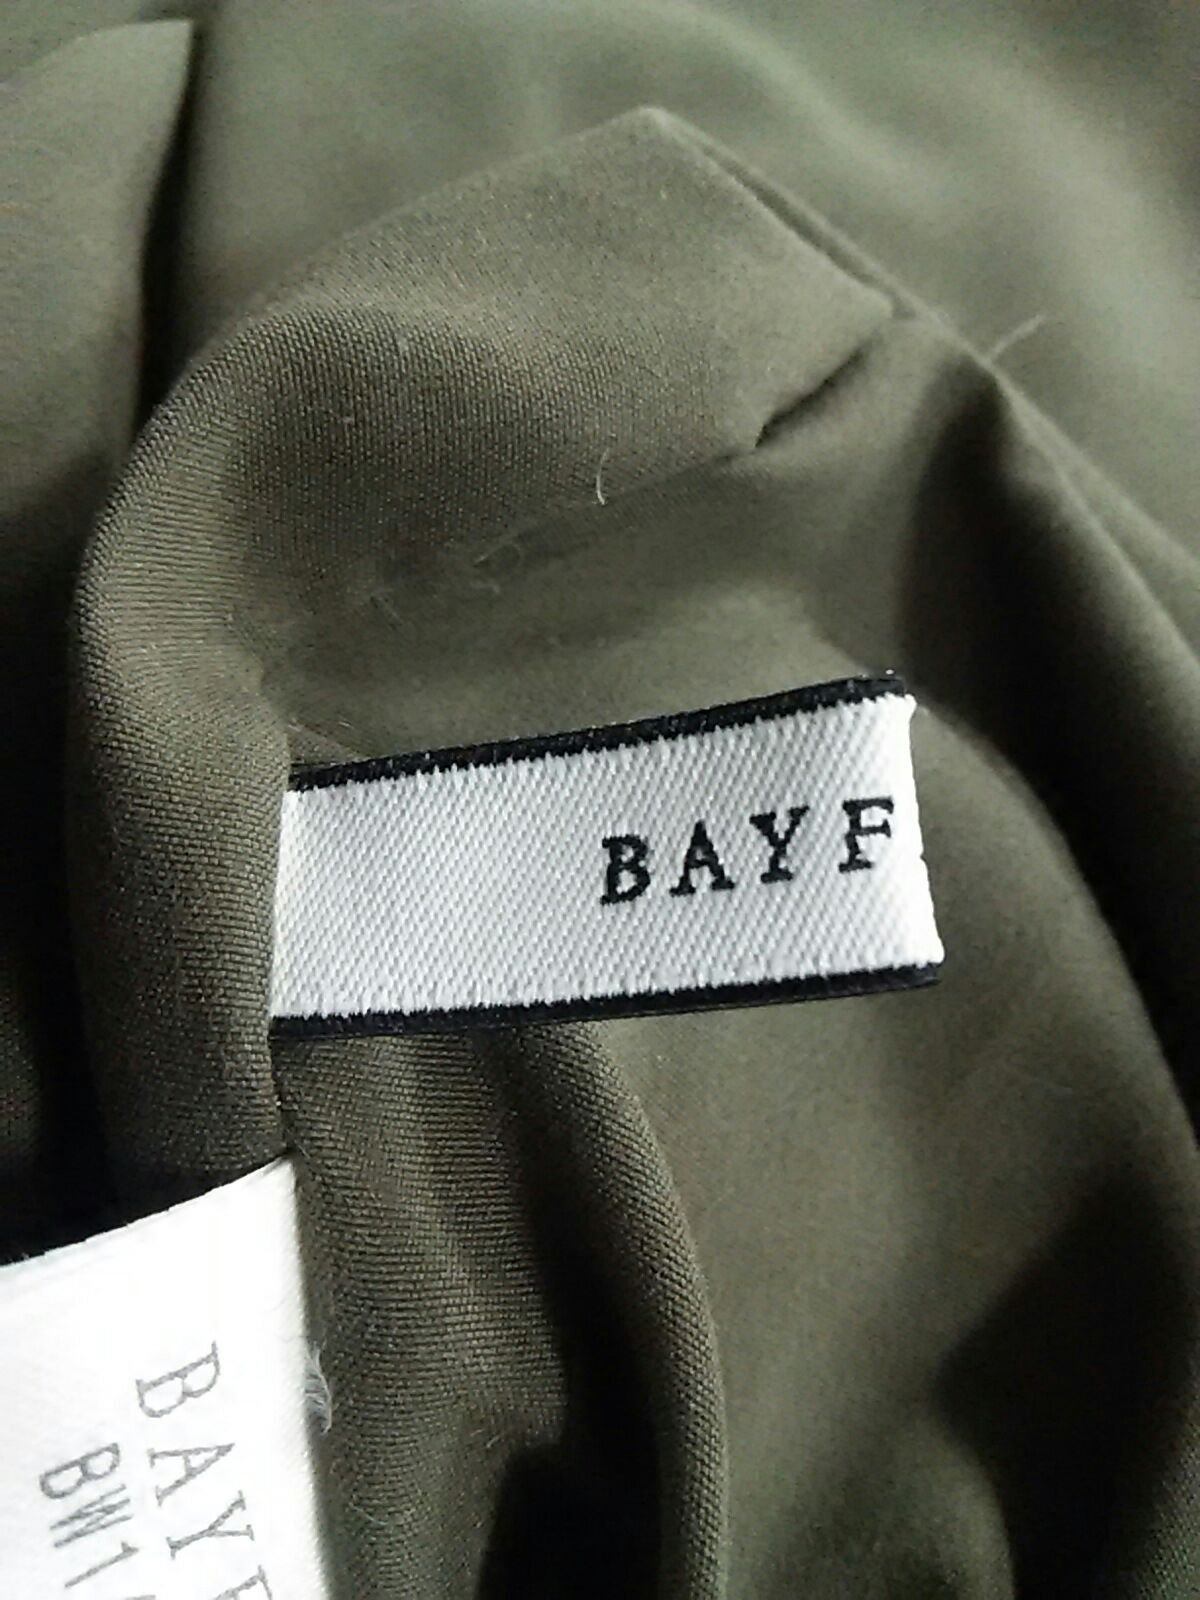 BAYFLOW(ベイフロー)のダウンコート